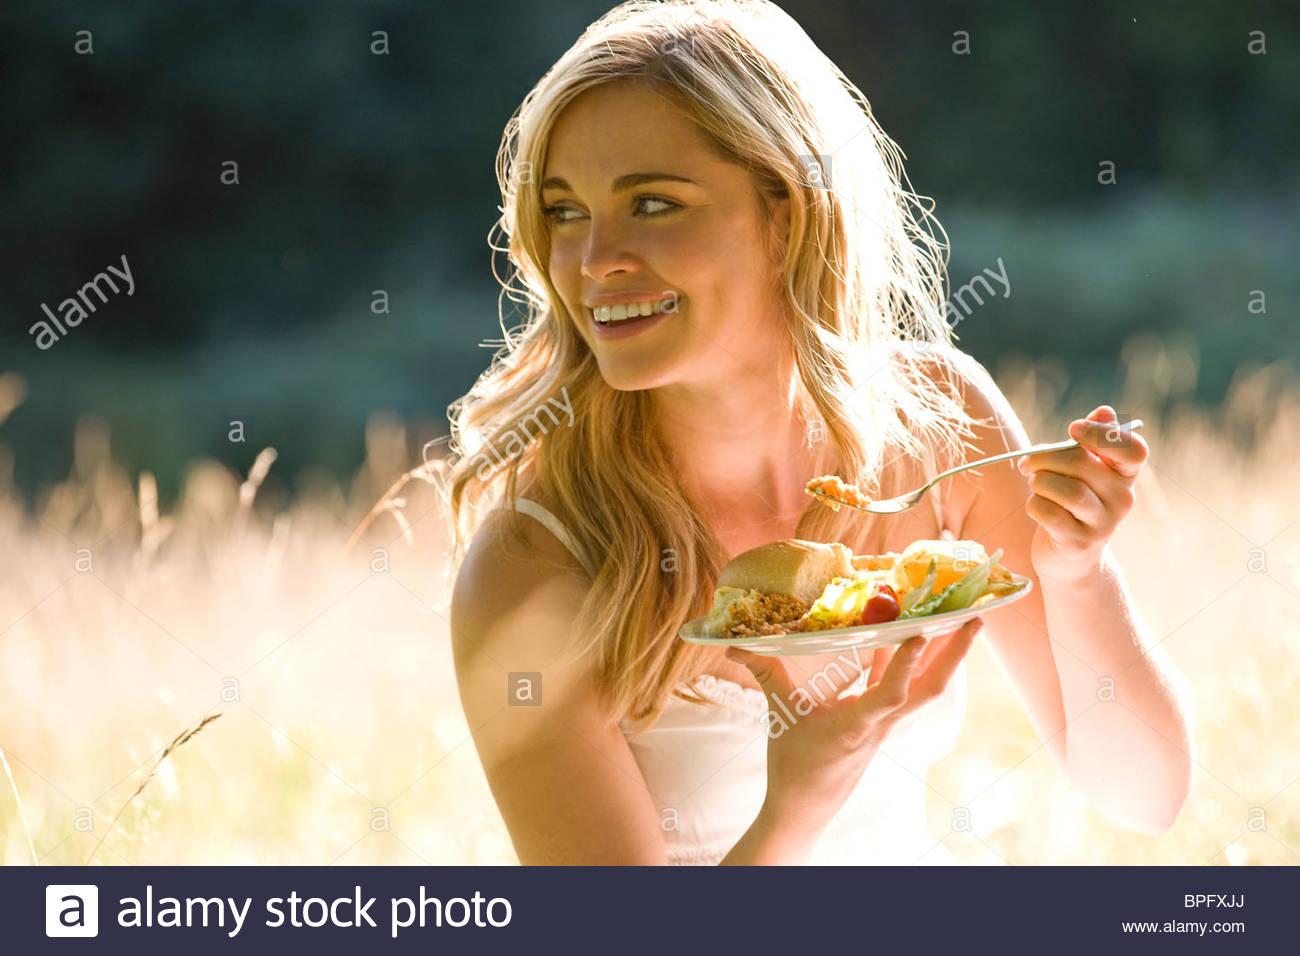 Una giovane donna seduta sull'erba, mangiare Immagini Stock